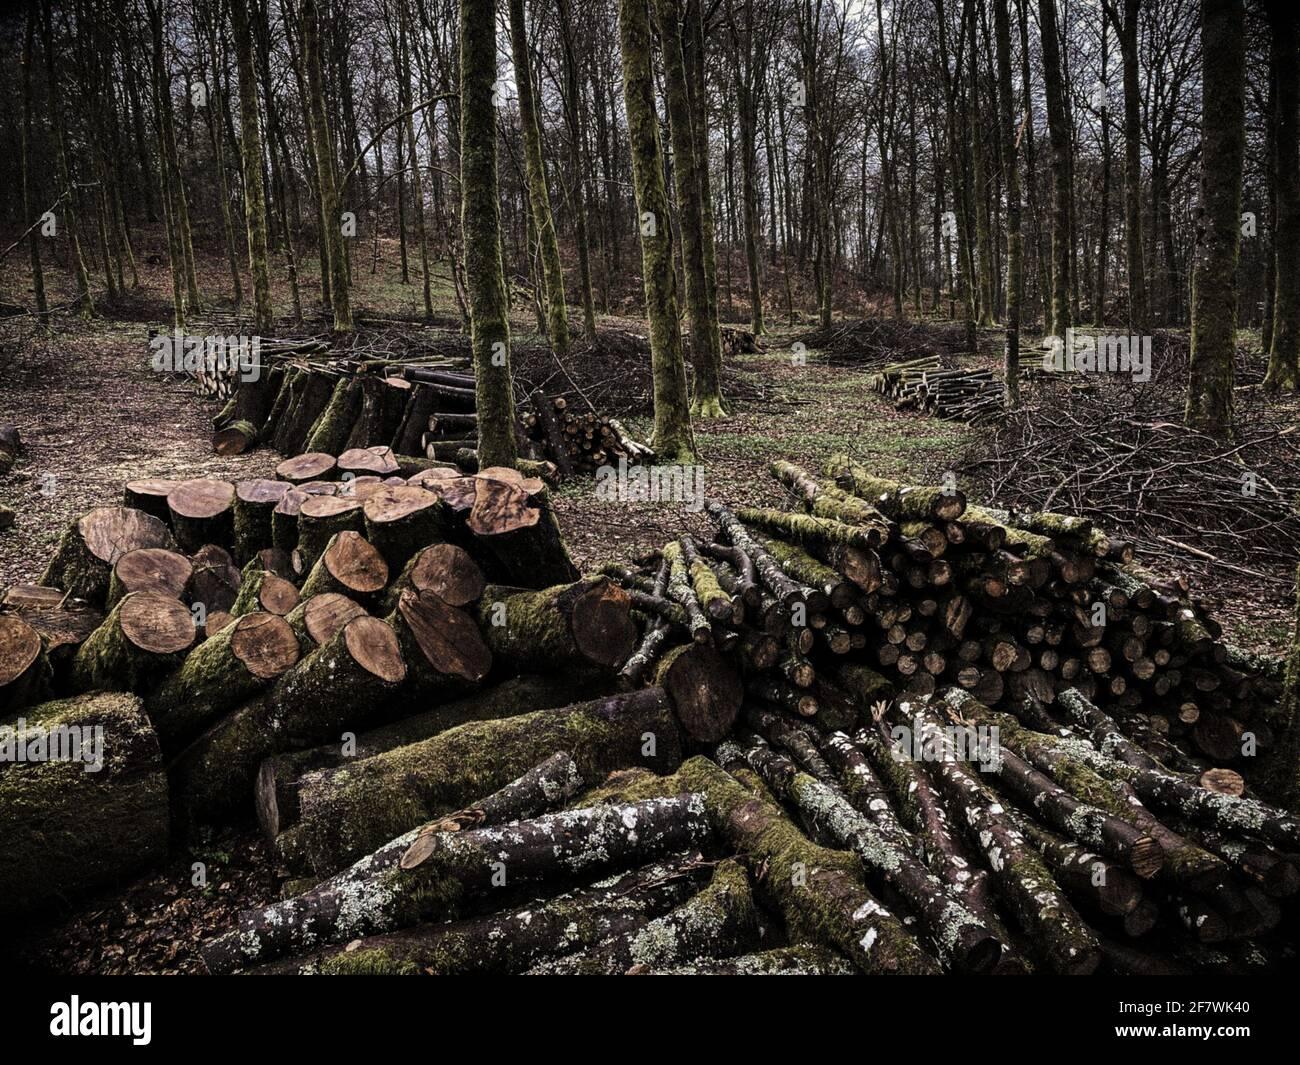 Gestione forestale, lavoro forestale, in una foresta a foglia larga, pila di tronchi di alberi tagliati in una foresta di Virton, Lussemburgo, Belgio Foto Stock